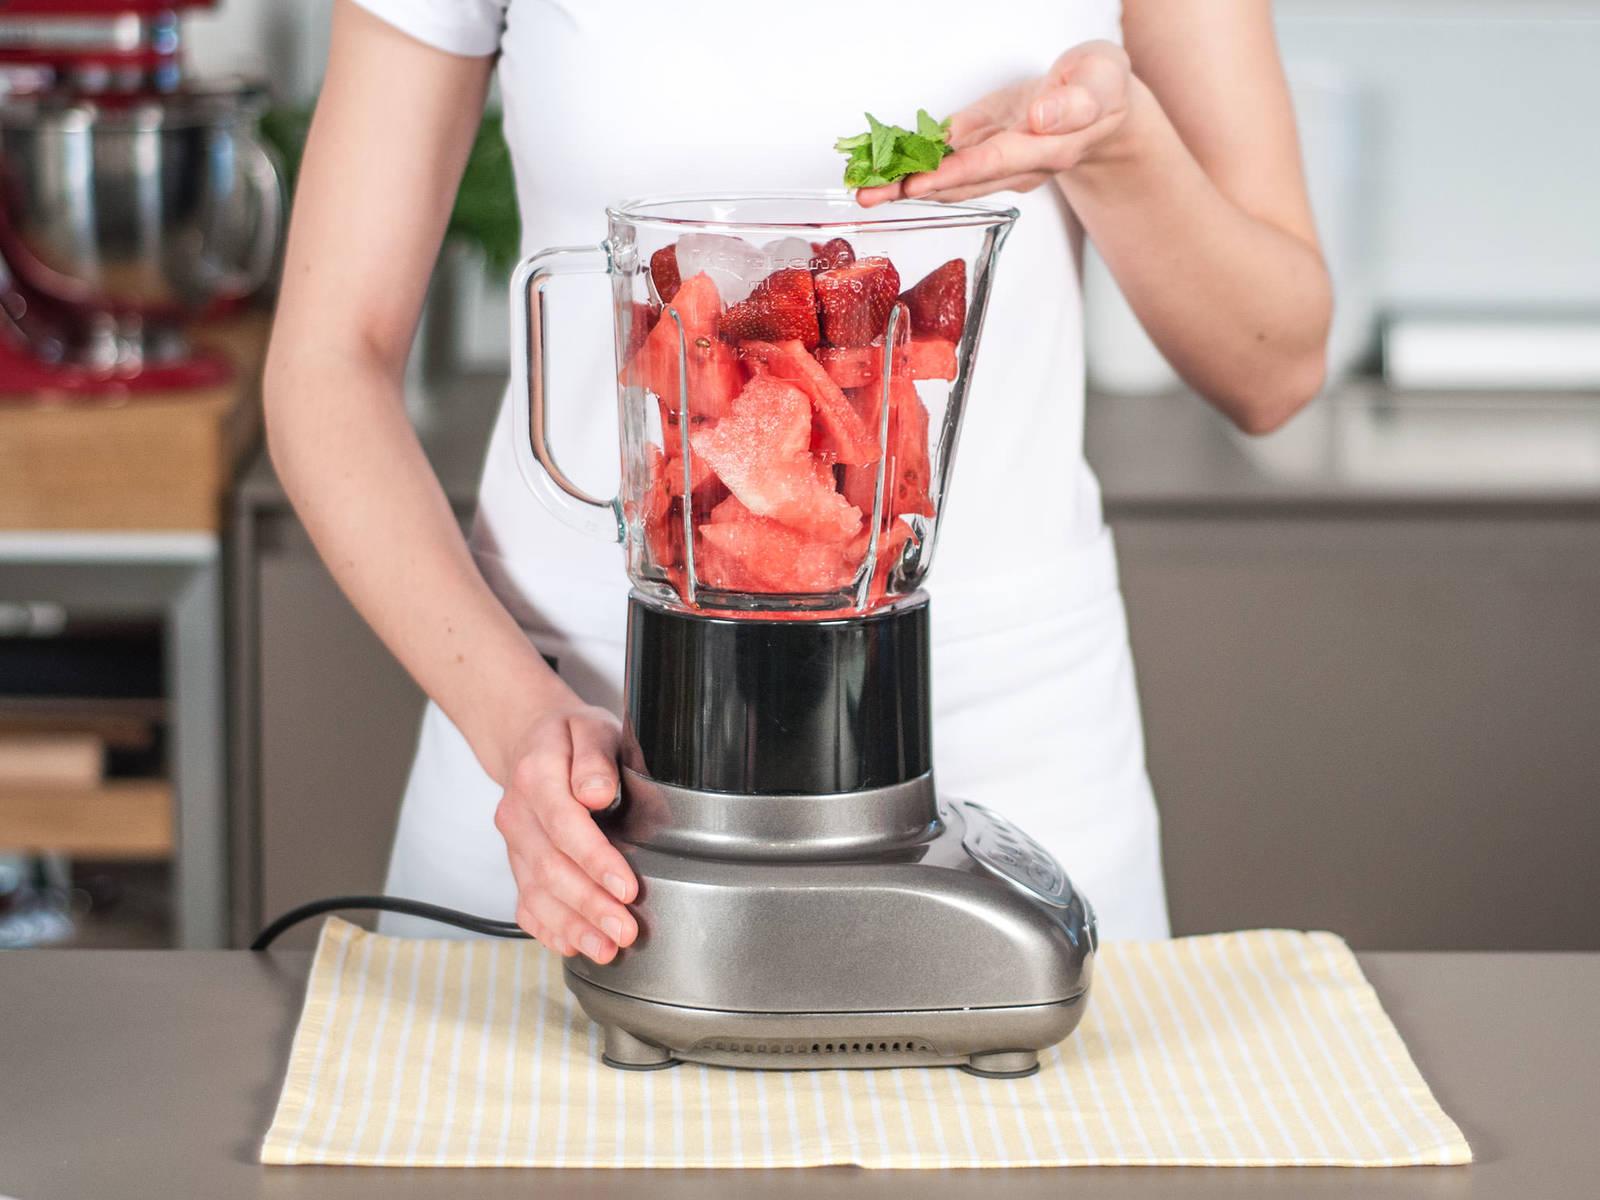 将草莓、西瓜、酸橙汁、冰块和薄荷叶加入搅拌机,搅拌2 - 3 分钟至柔滑即可享用。